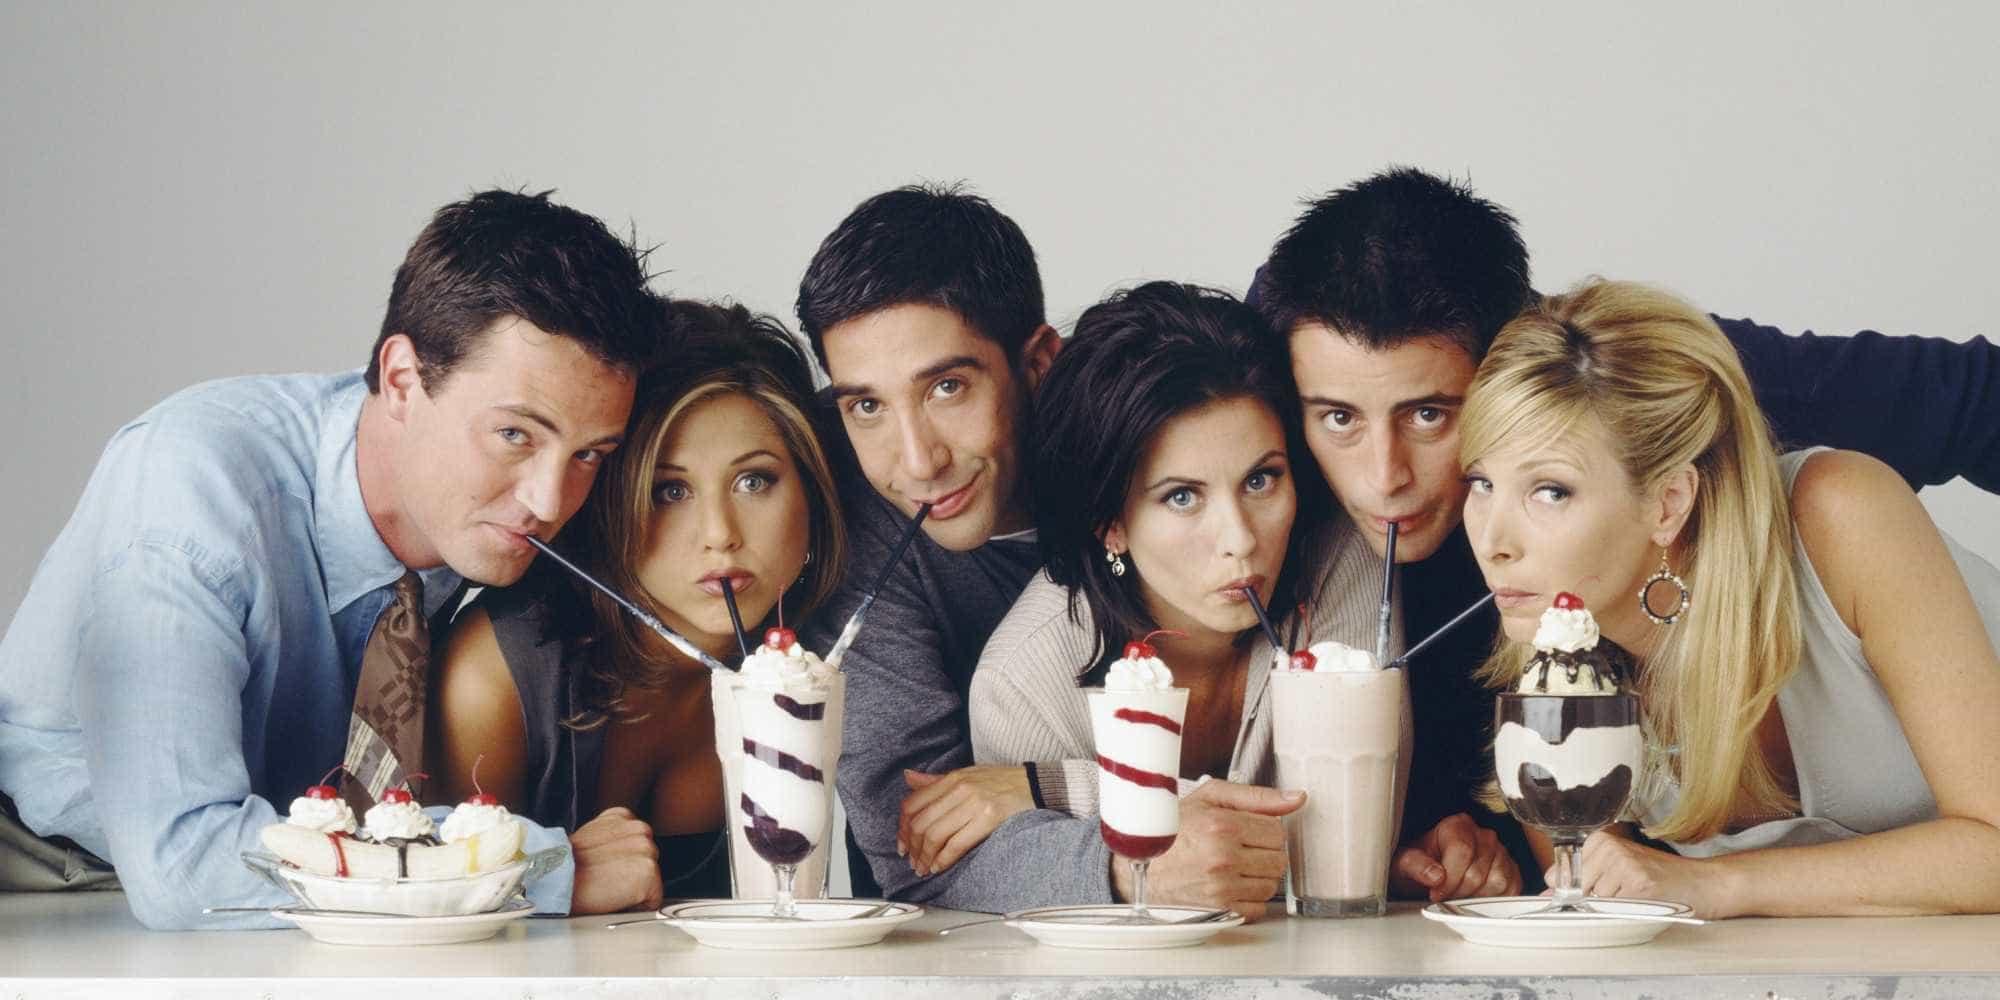 Criadores de 'Friends' teriam se recusado a incluir negros no elenco